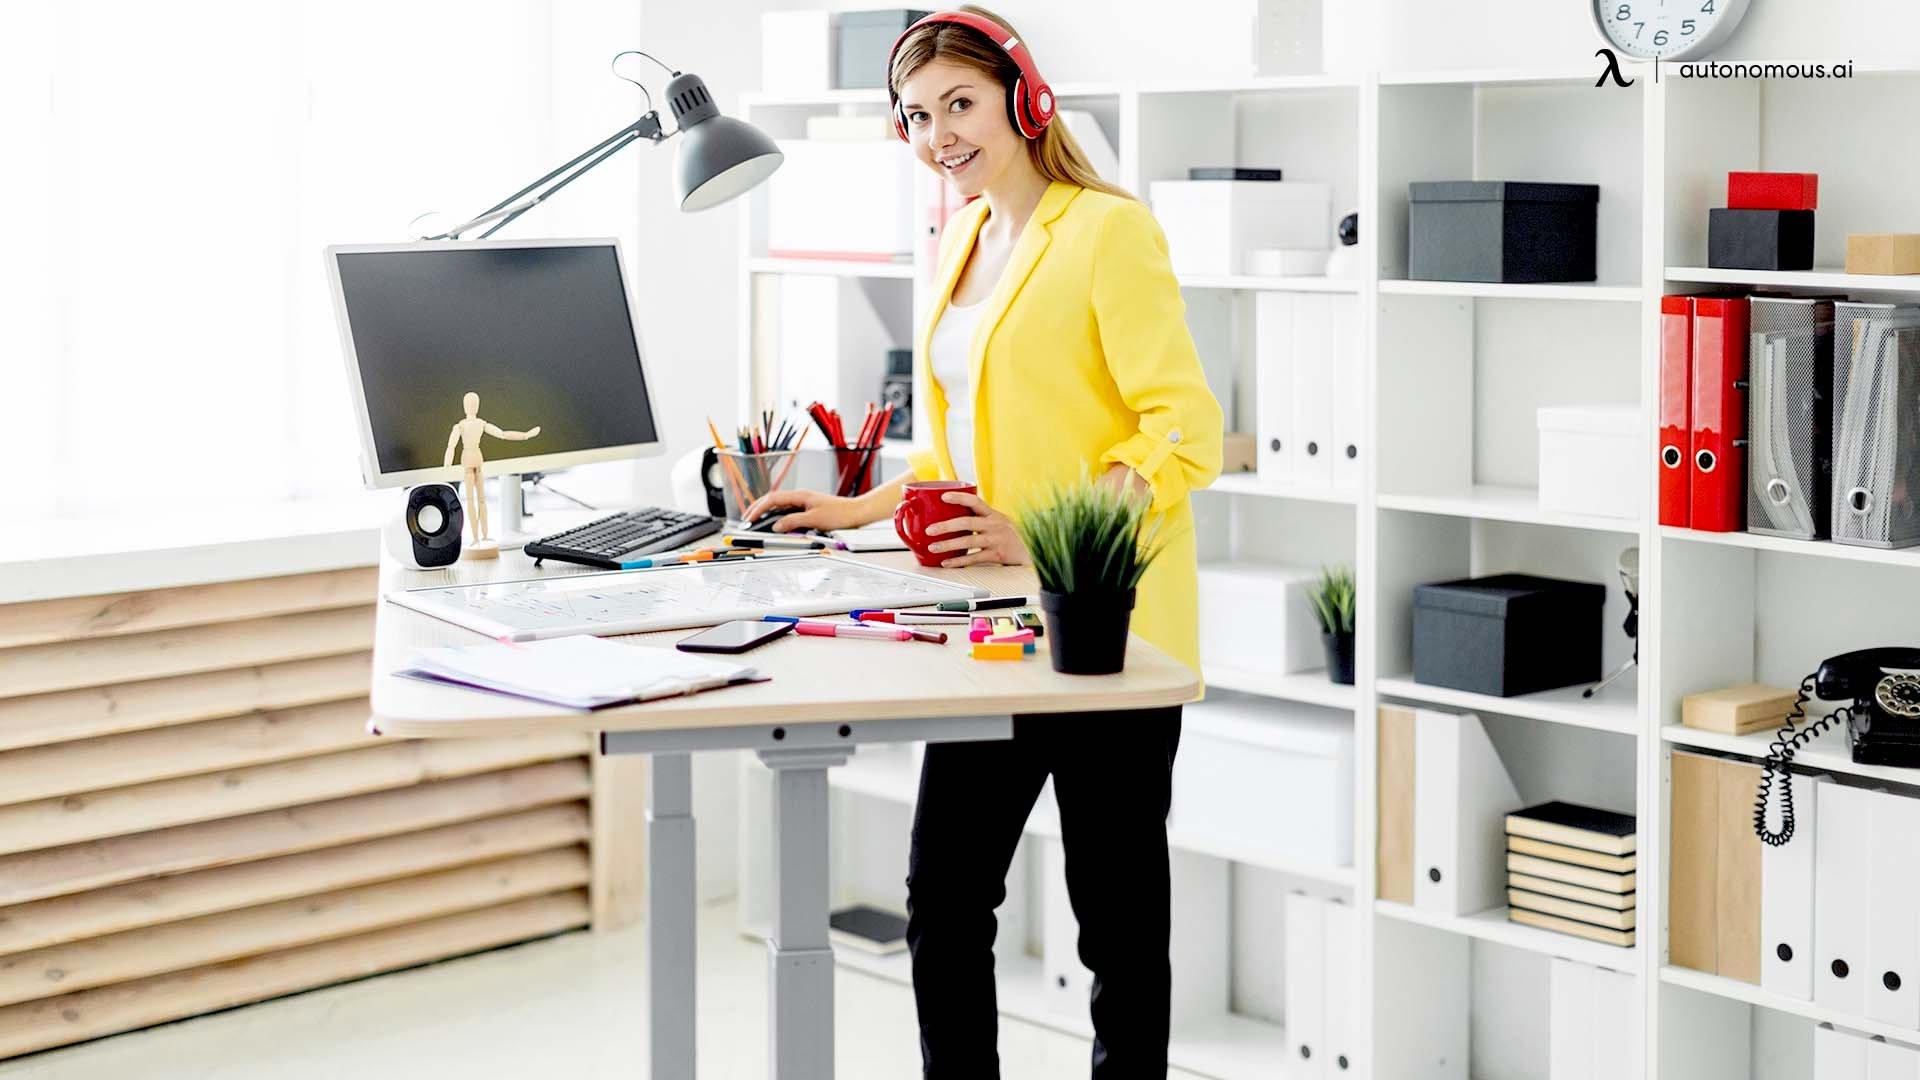 using ergonomic design principles